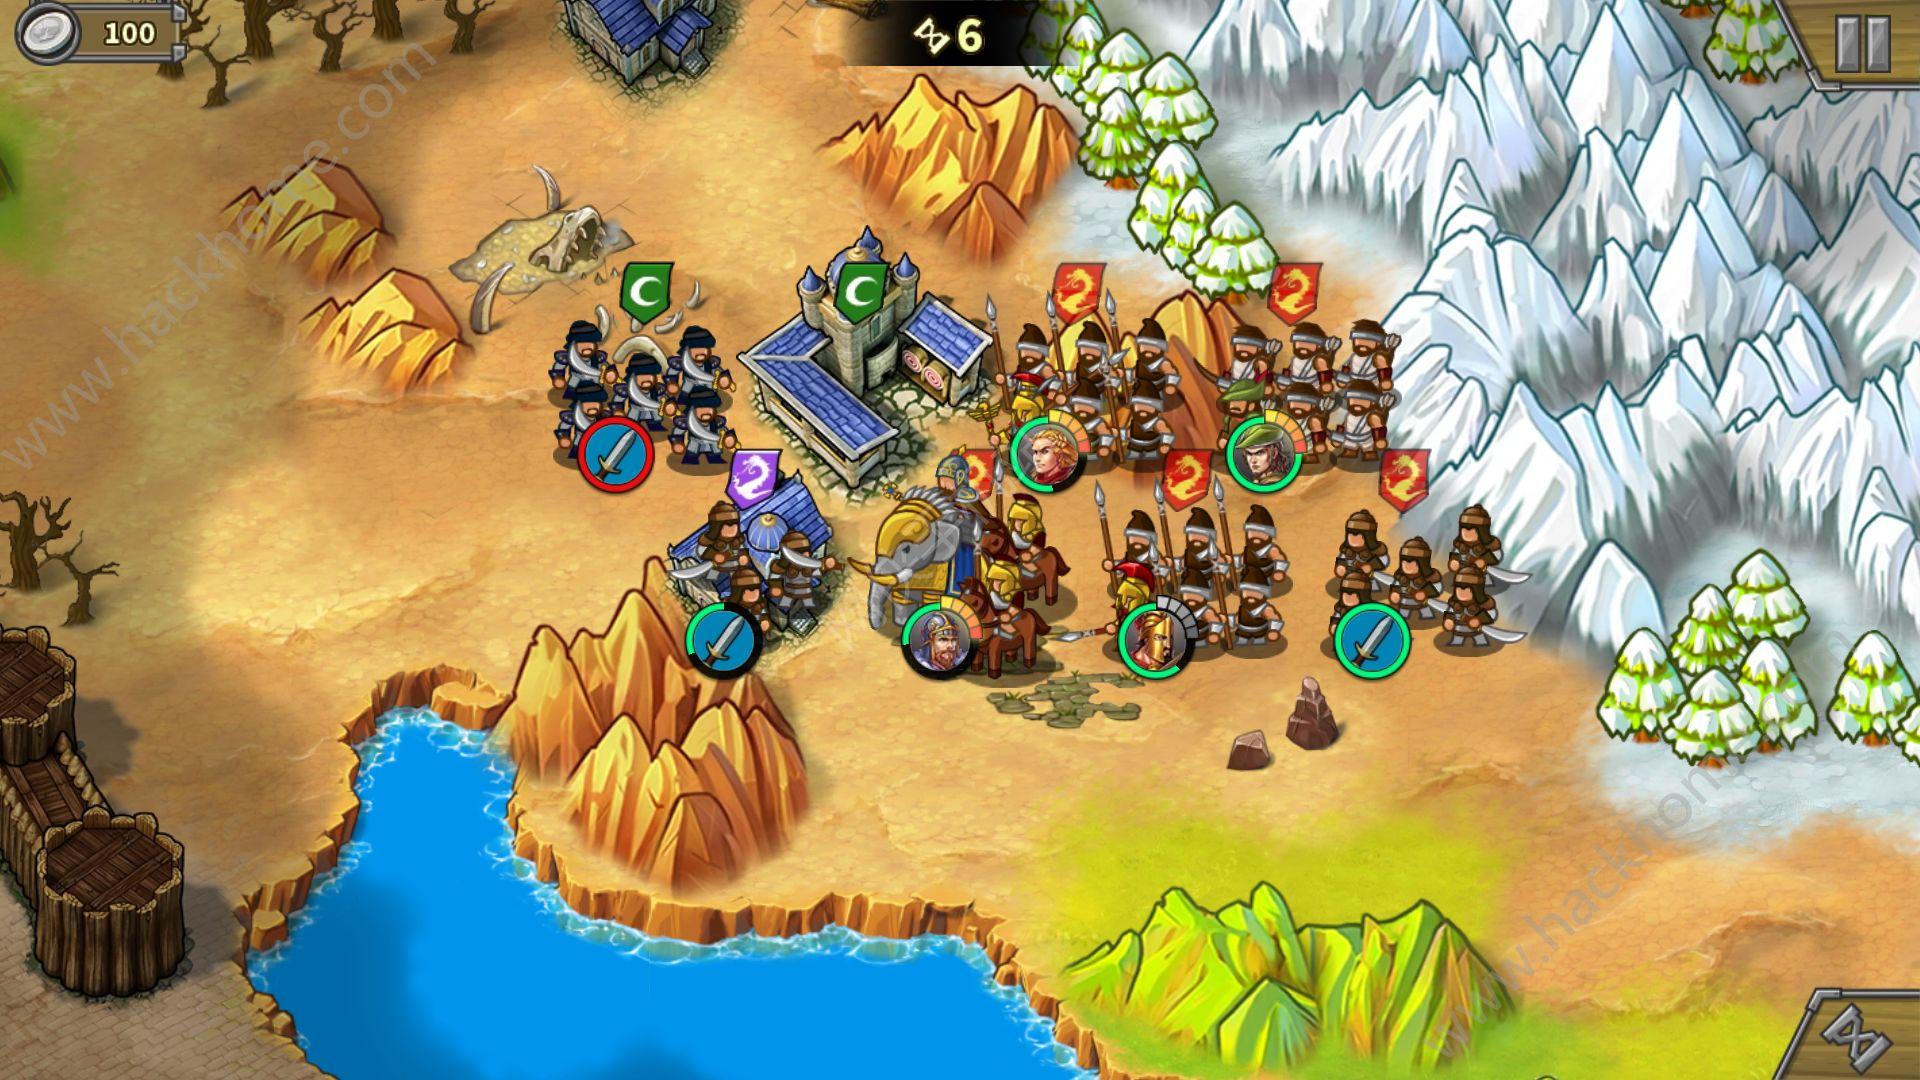 r4~r5,推掉箭塔,第一个据点可以放公主爆步兵,然后利用兵种克制